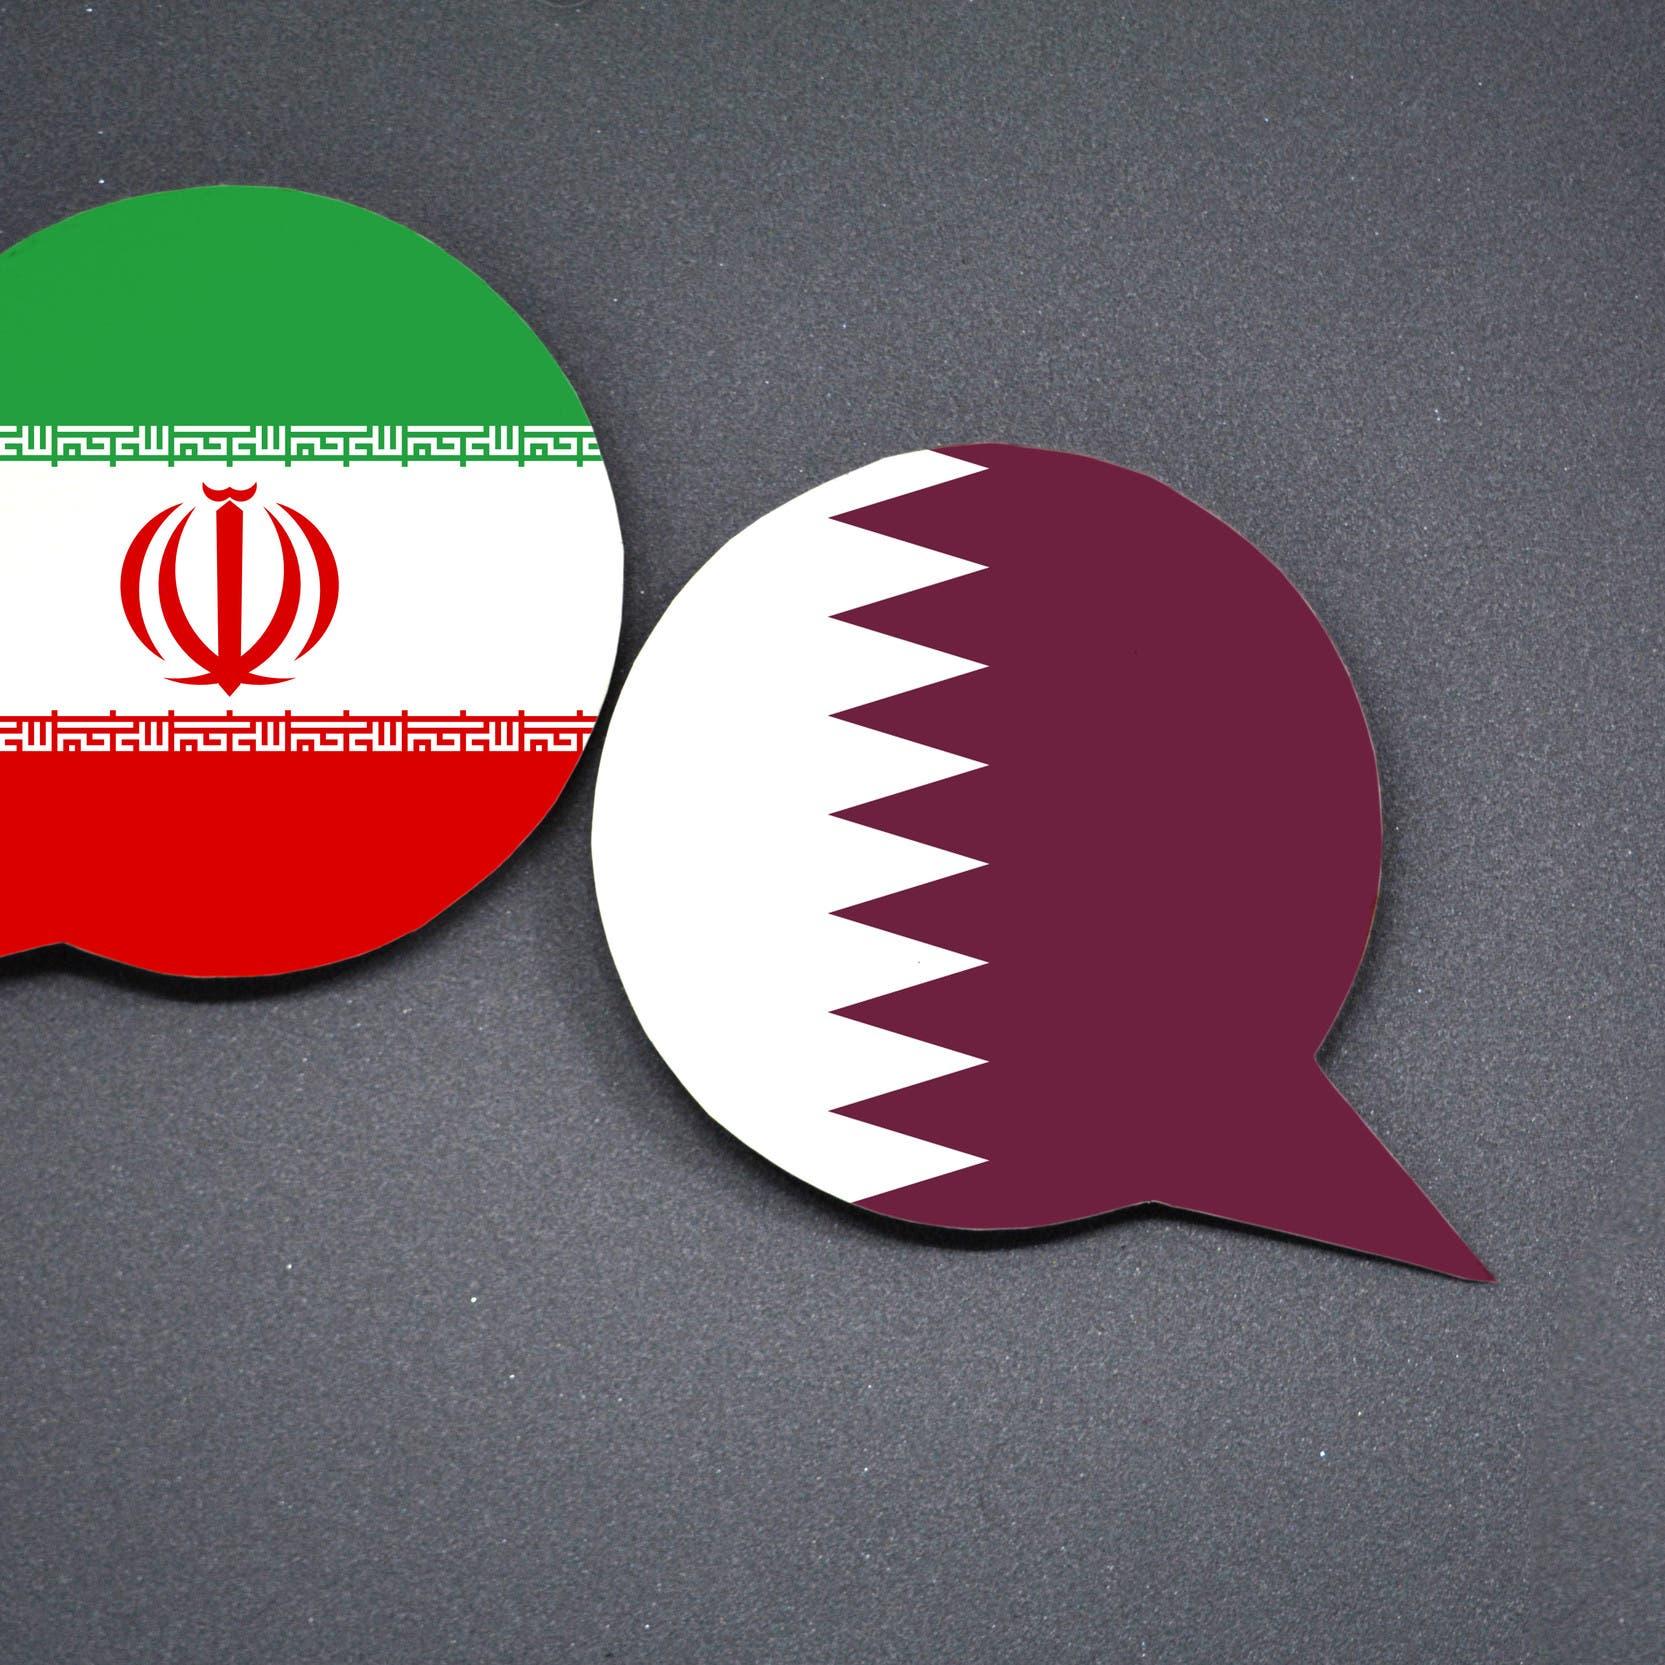 طهران: الدوحة قدمت تسهيلات لبناء ميناء للسفن الإيرانية